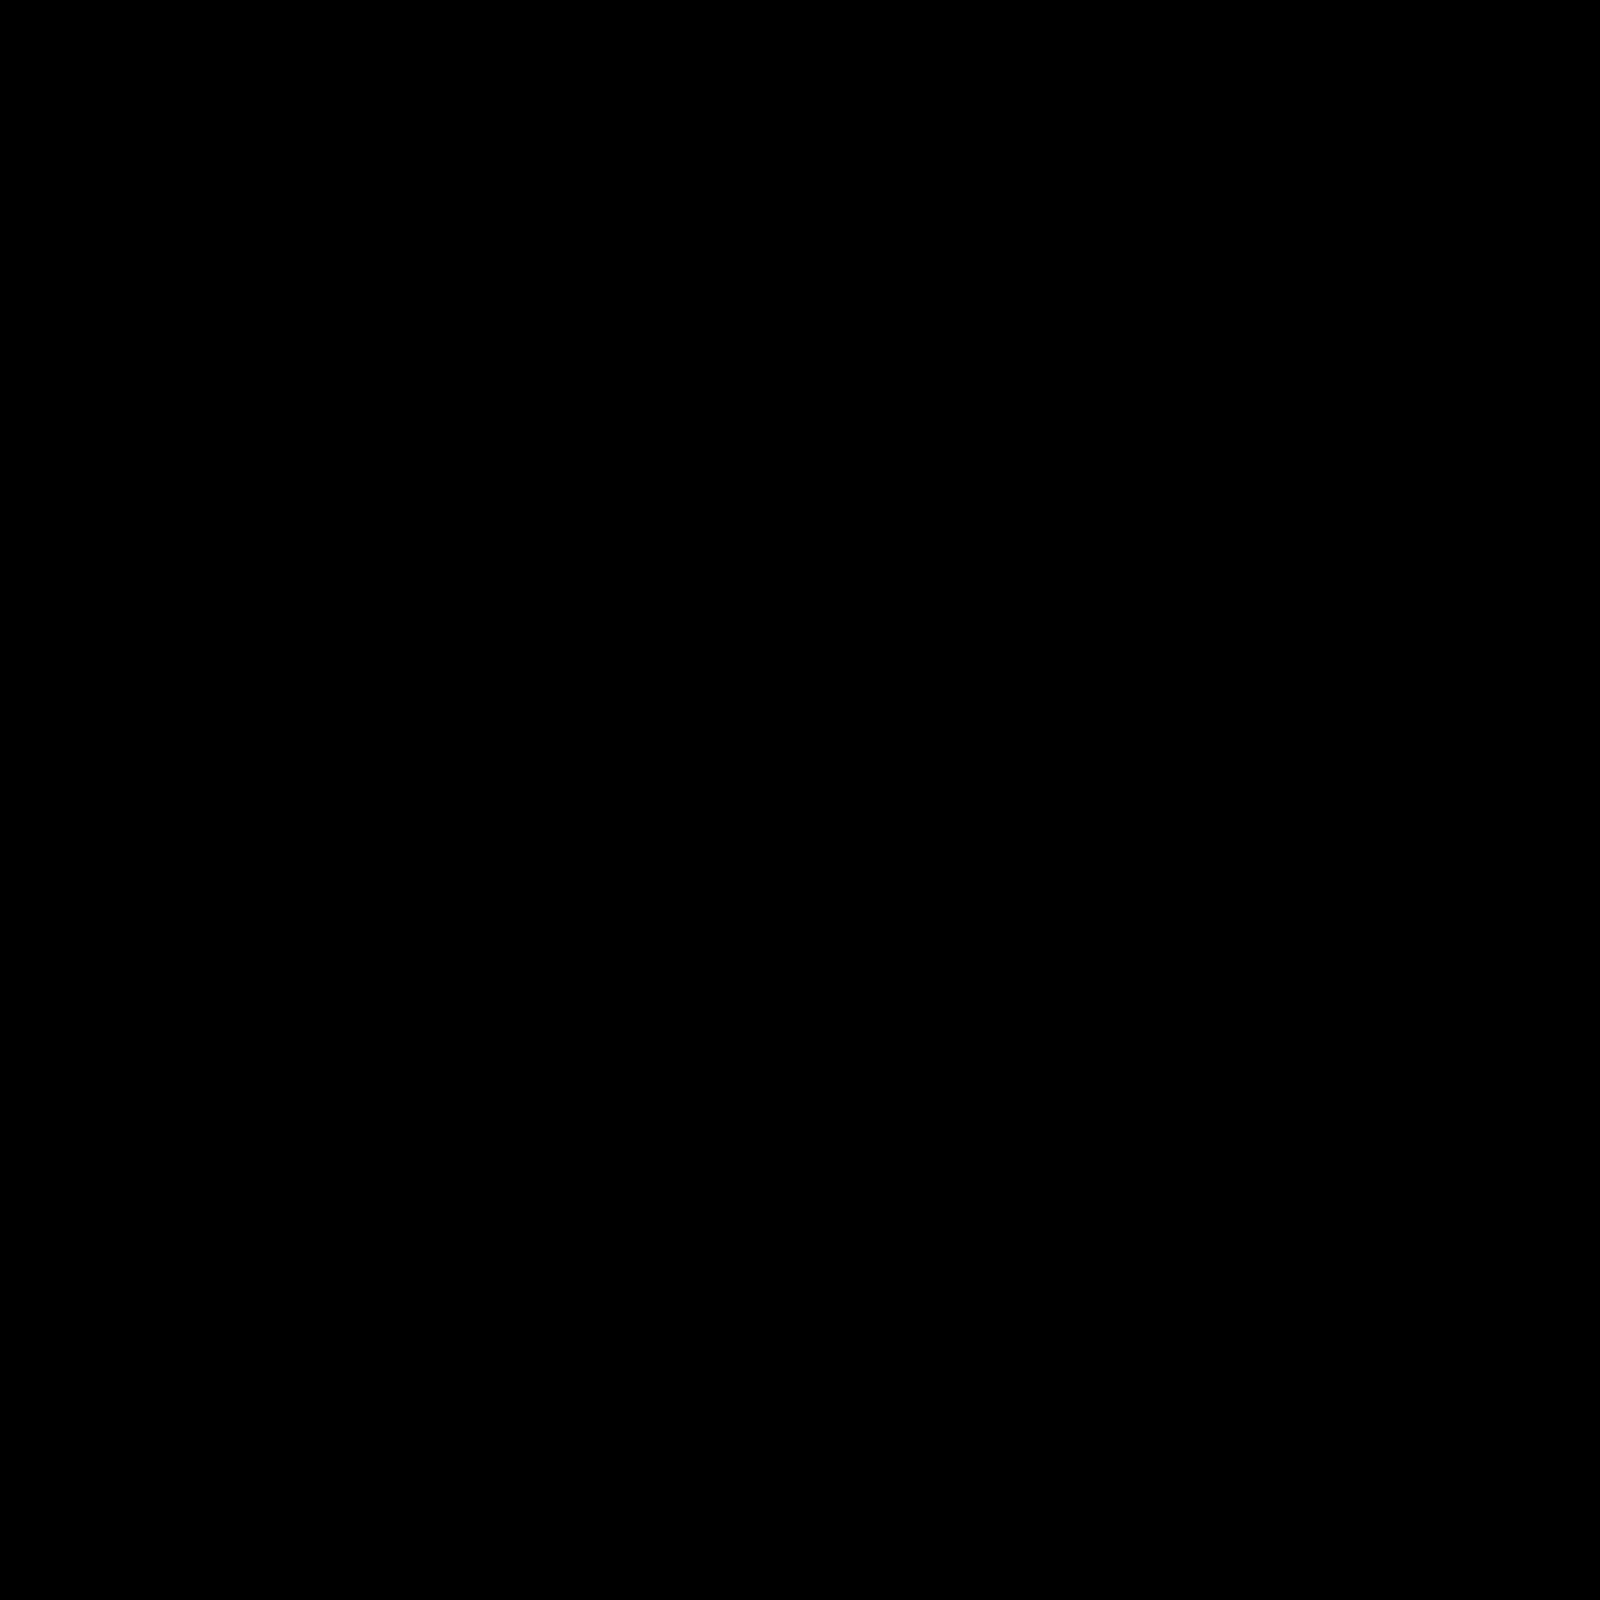 カメラのアドオン icon. A camera addon icon is represented with two icons. One icon is a camera the camera will have a rectangular shape with a circle in the center of the camera for the lens. The second icon with it is a piece of puzzle piece.